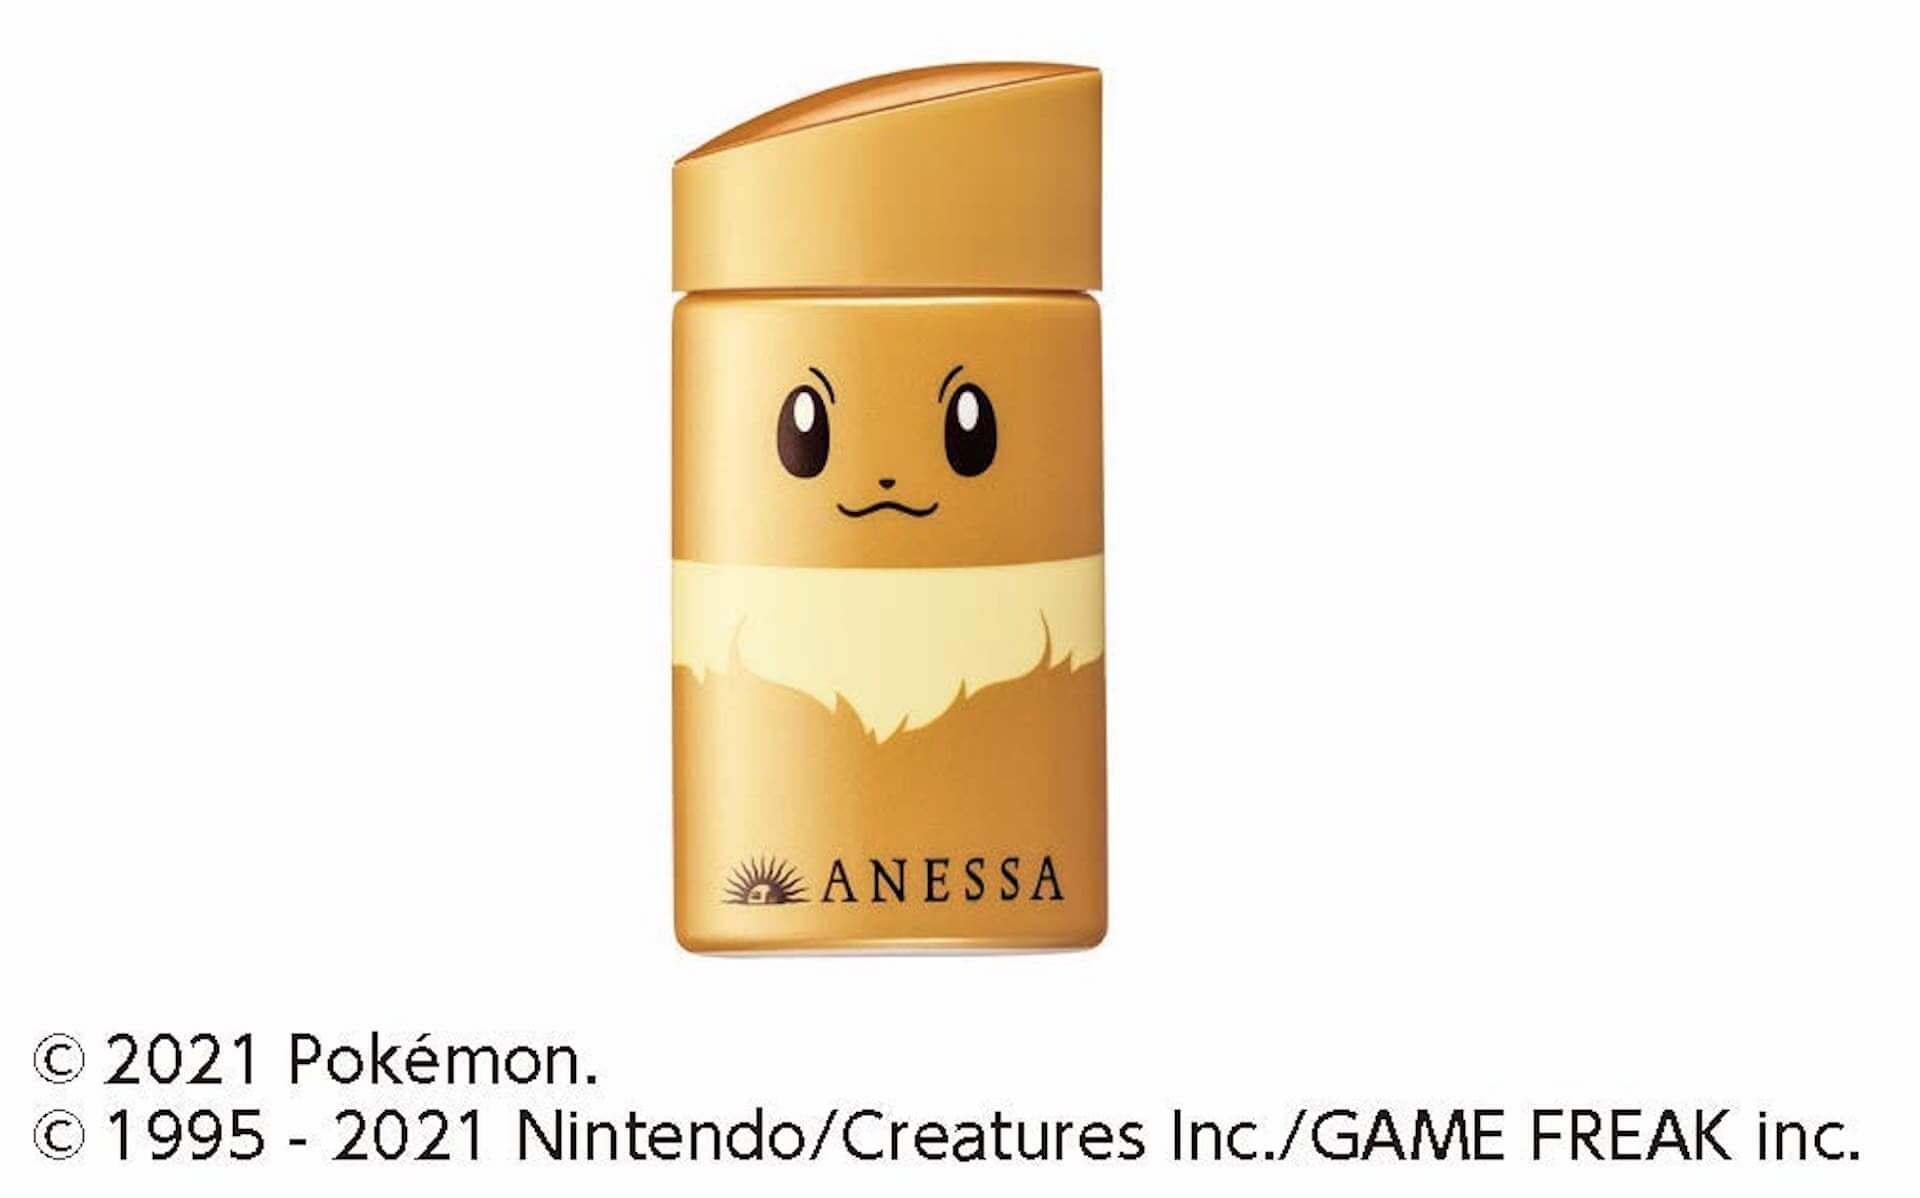 アネッサとポケモンのコラボが実現!ピカチュウ、イーブイ、ゼニガメの日焼け止めが数量限定で発売決定 life210226_pokemon_anessa_2